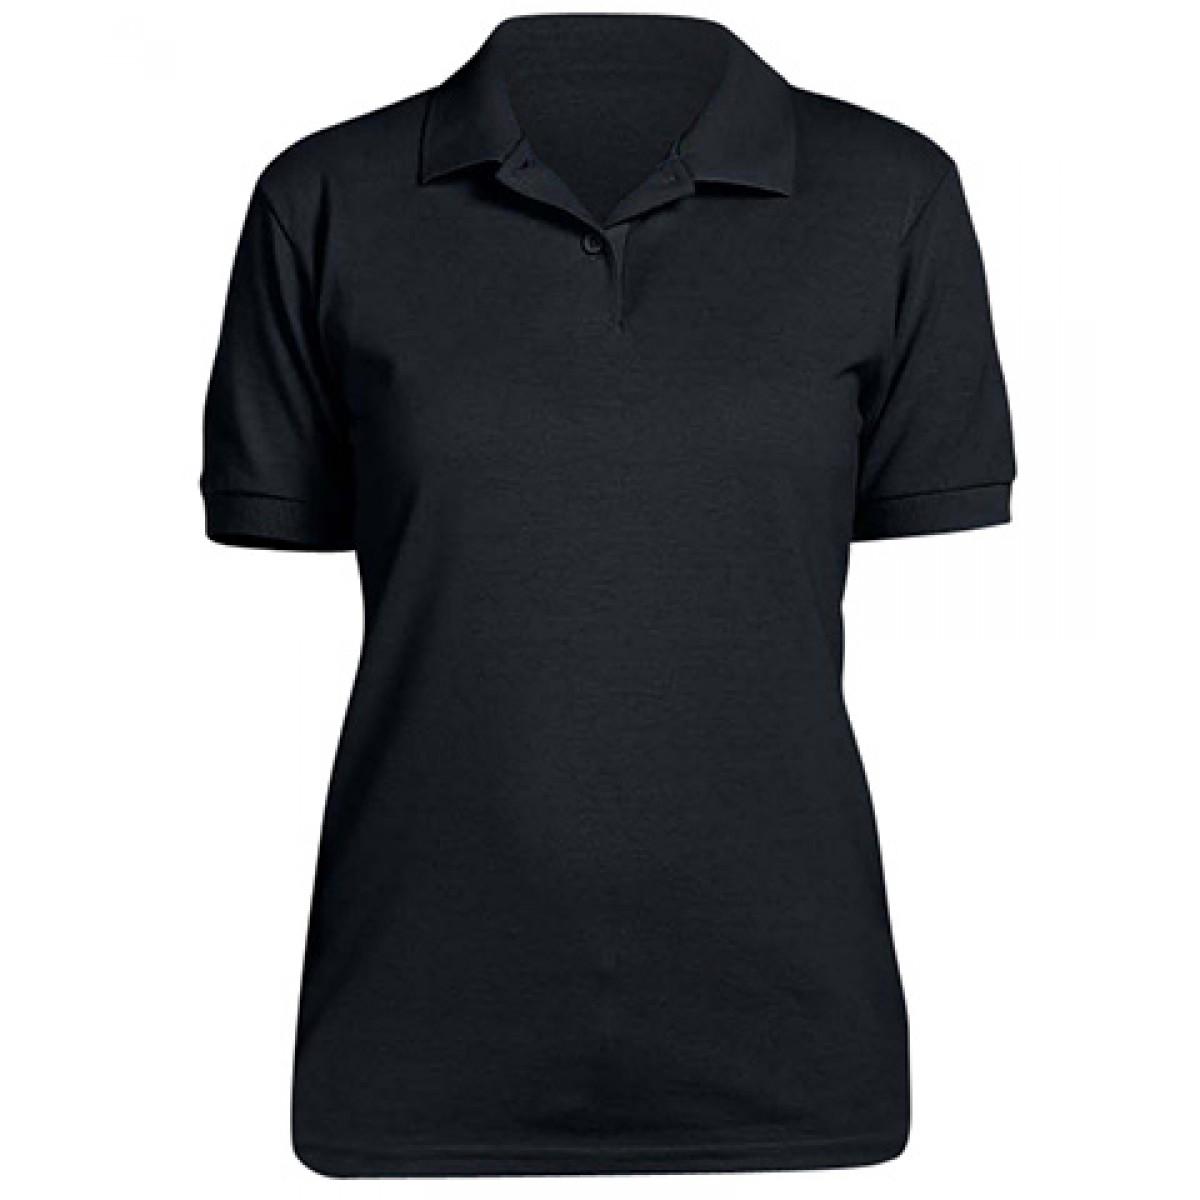 Ladies' 6.5 oz. Piqué Sport Shirt-Black-L